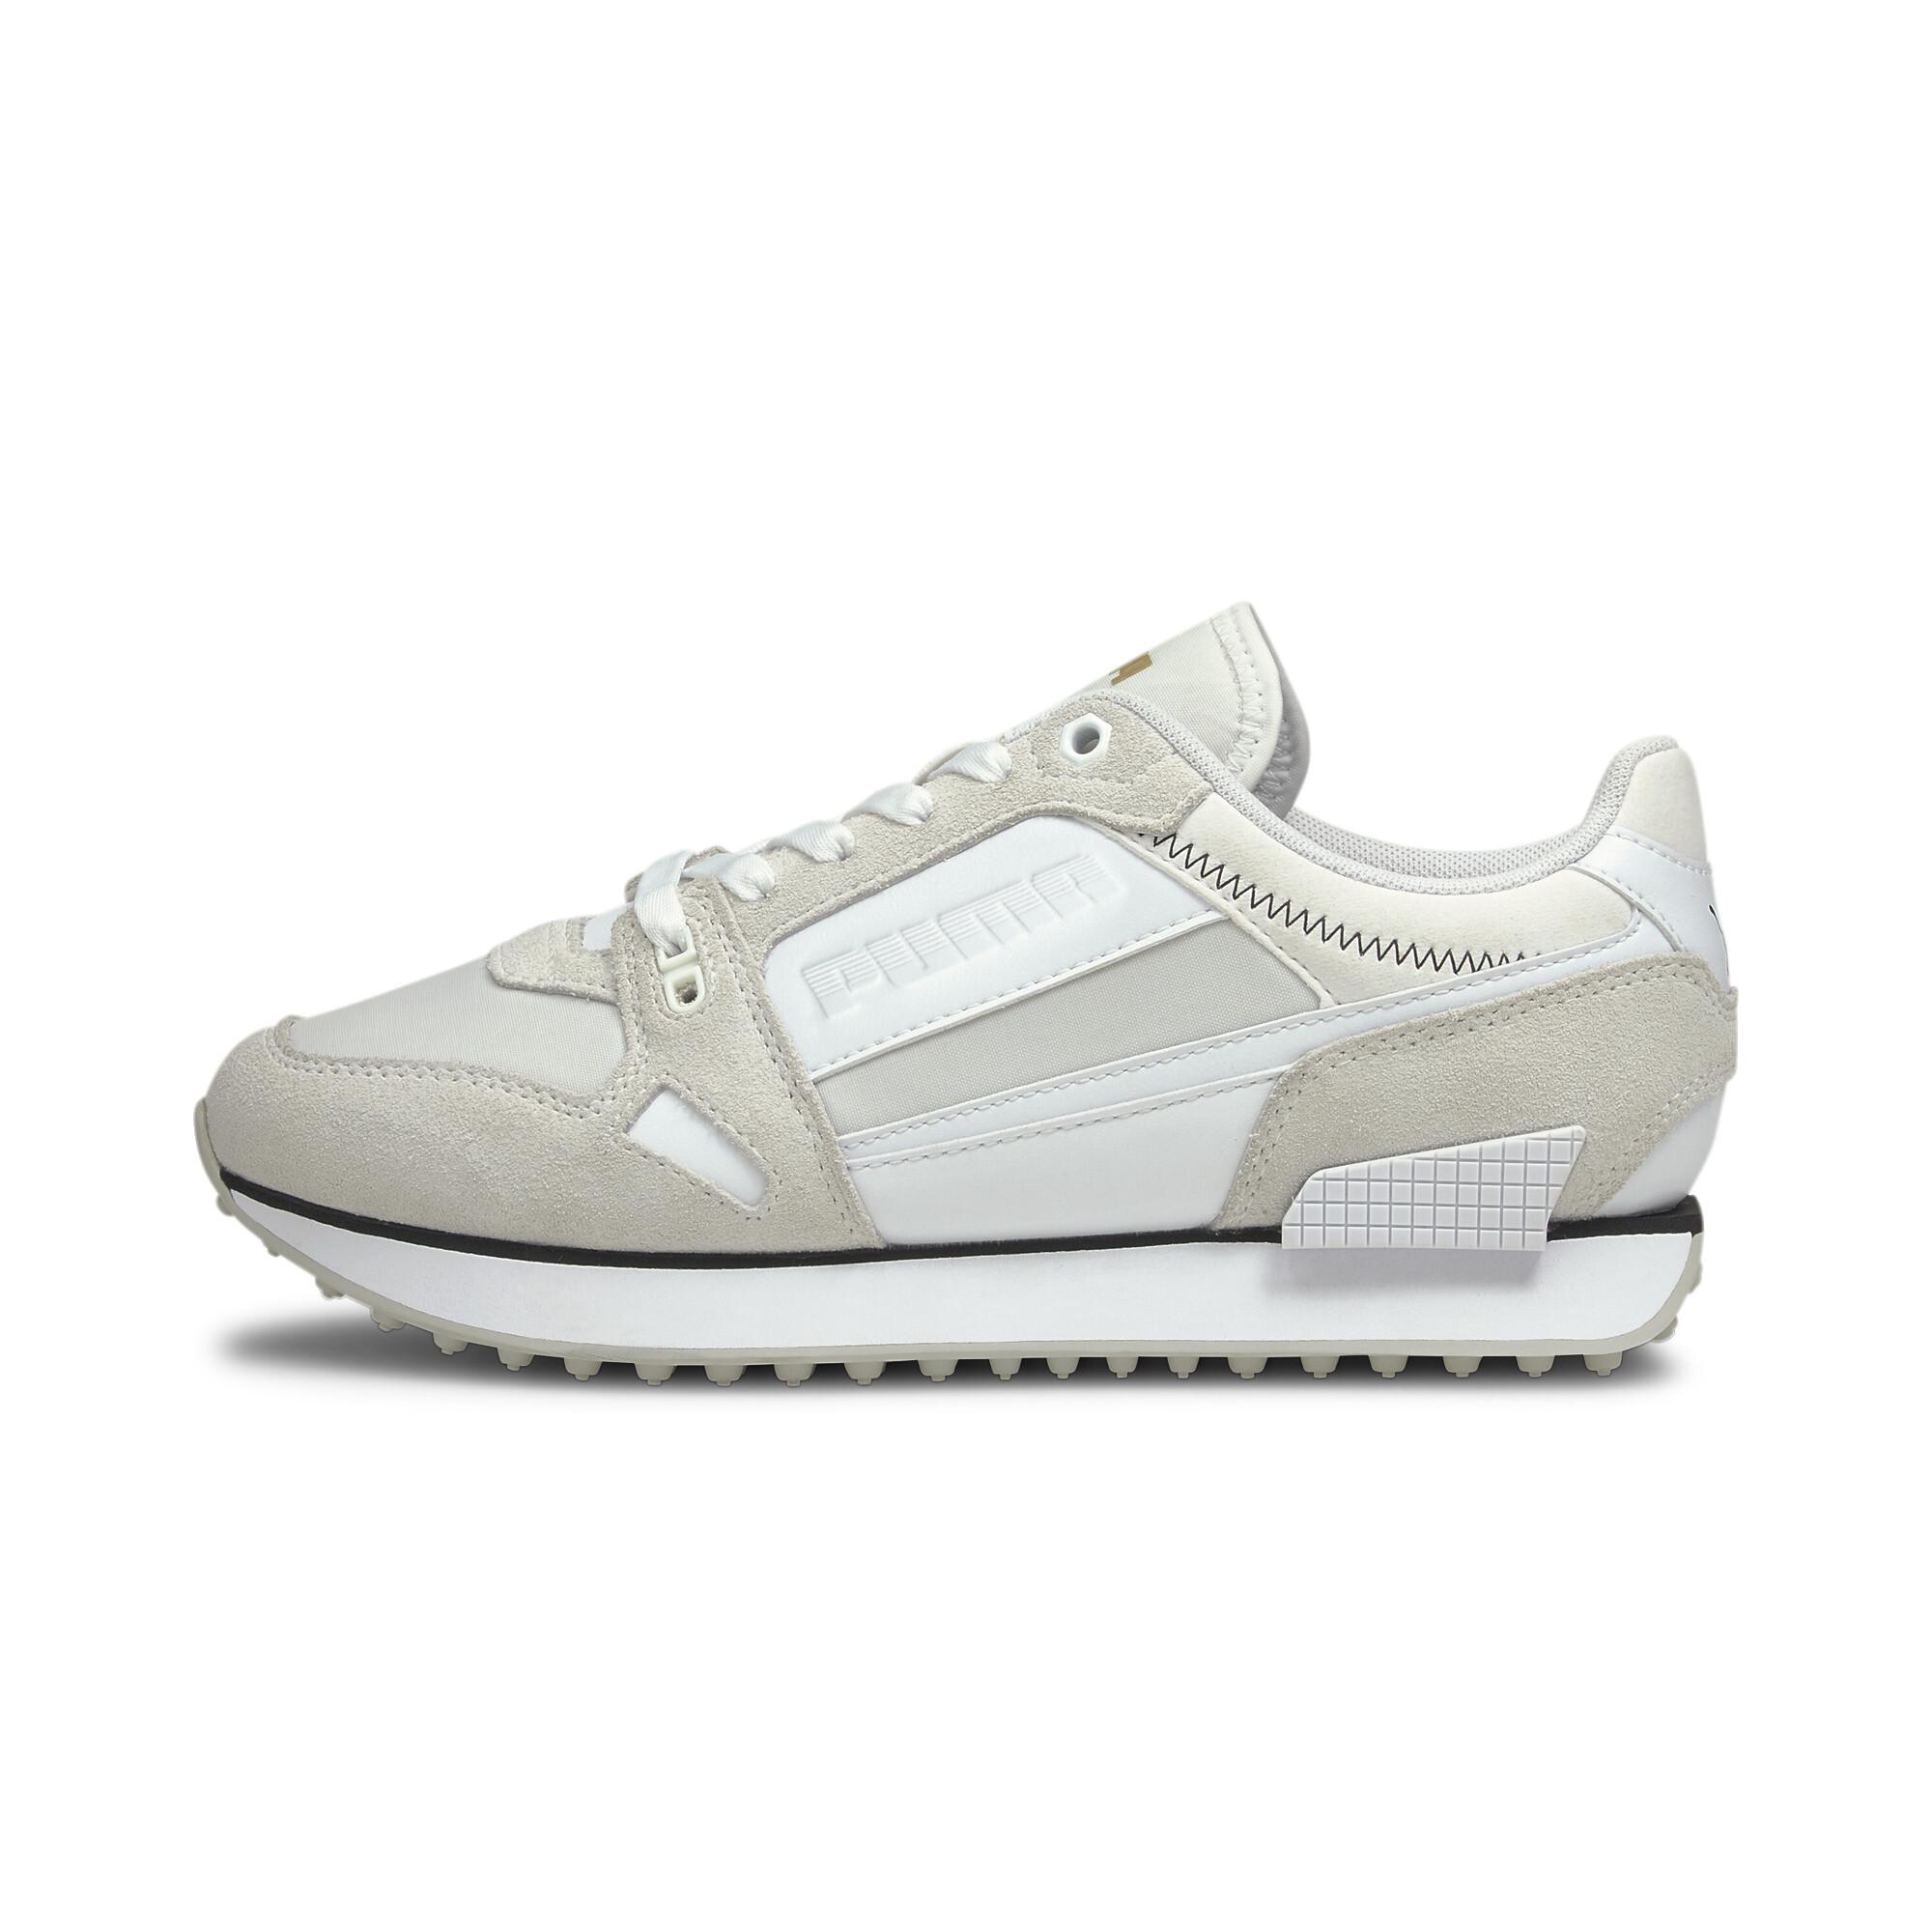 Indexbild 10 - PUMA-Mile-Rider-Chrome-Desert-Damen-Sneaker-Frauen-Schuhe-Neu